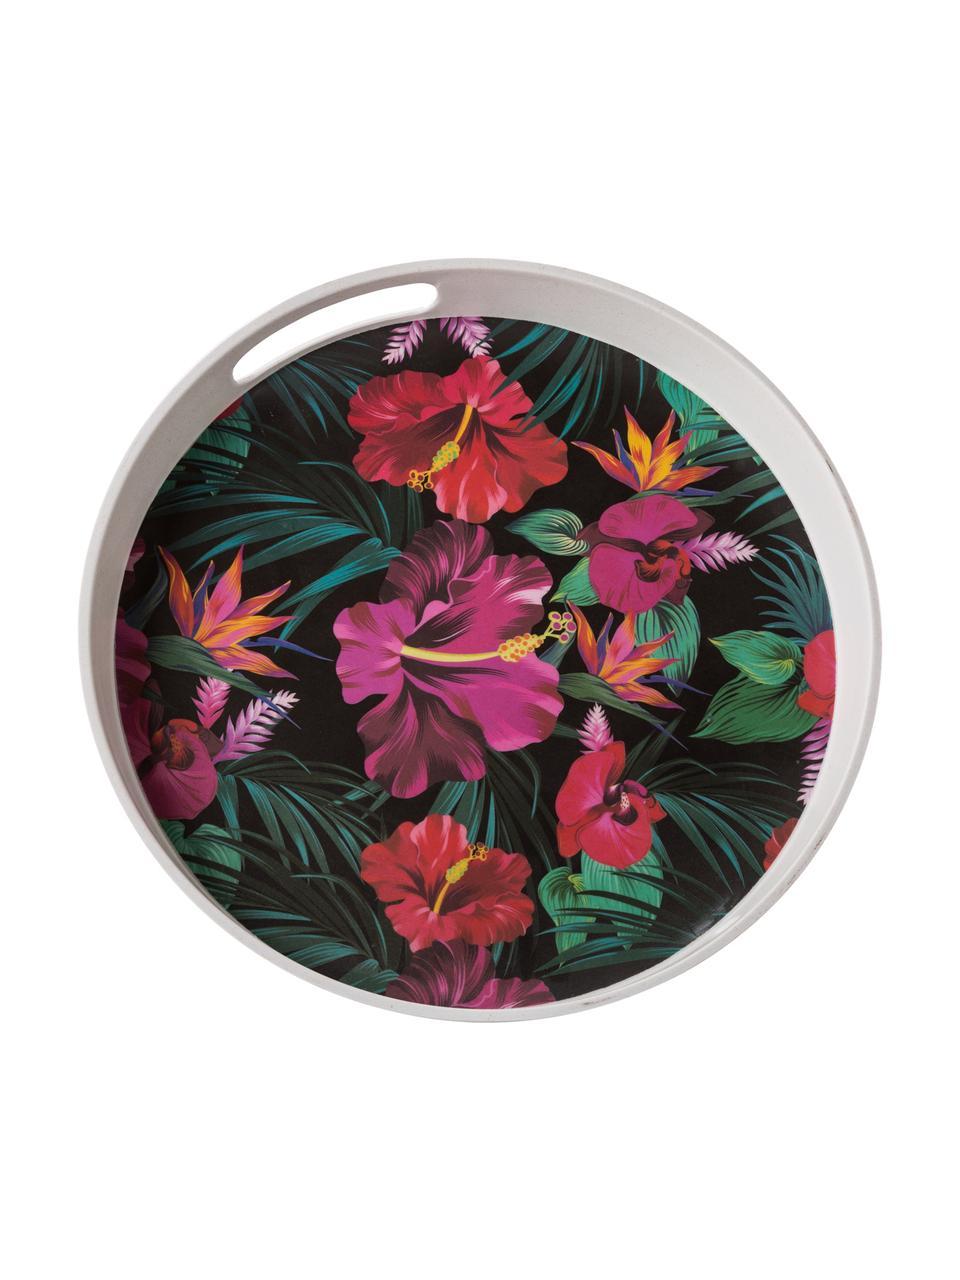 Plateau de service rond Tropical Flower, Ø 30cm, Tons verts, couleurs fuchsia, rouge, blanc